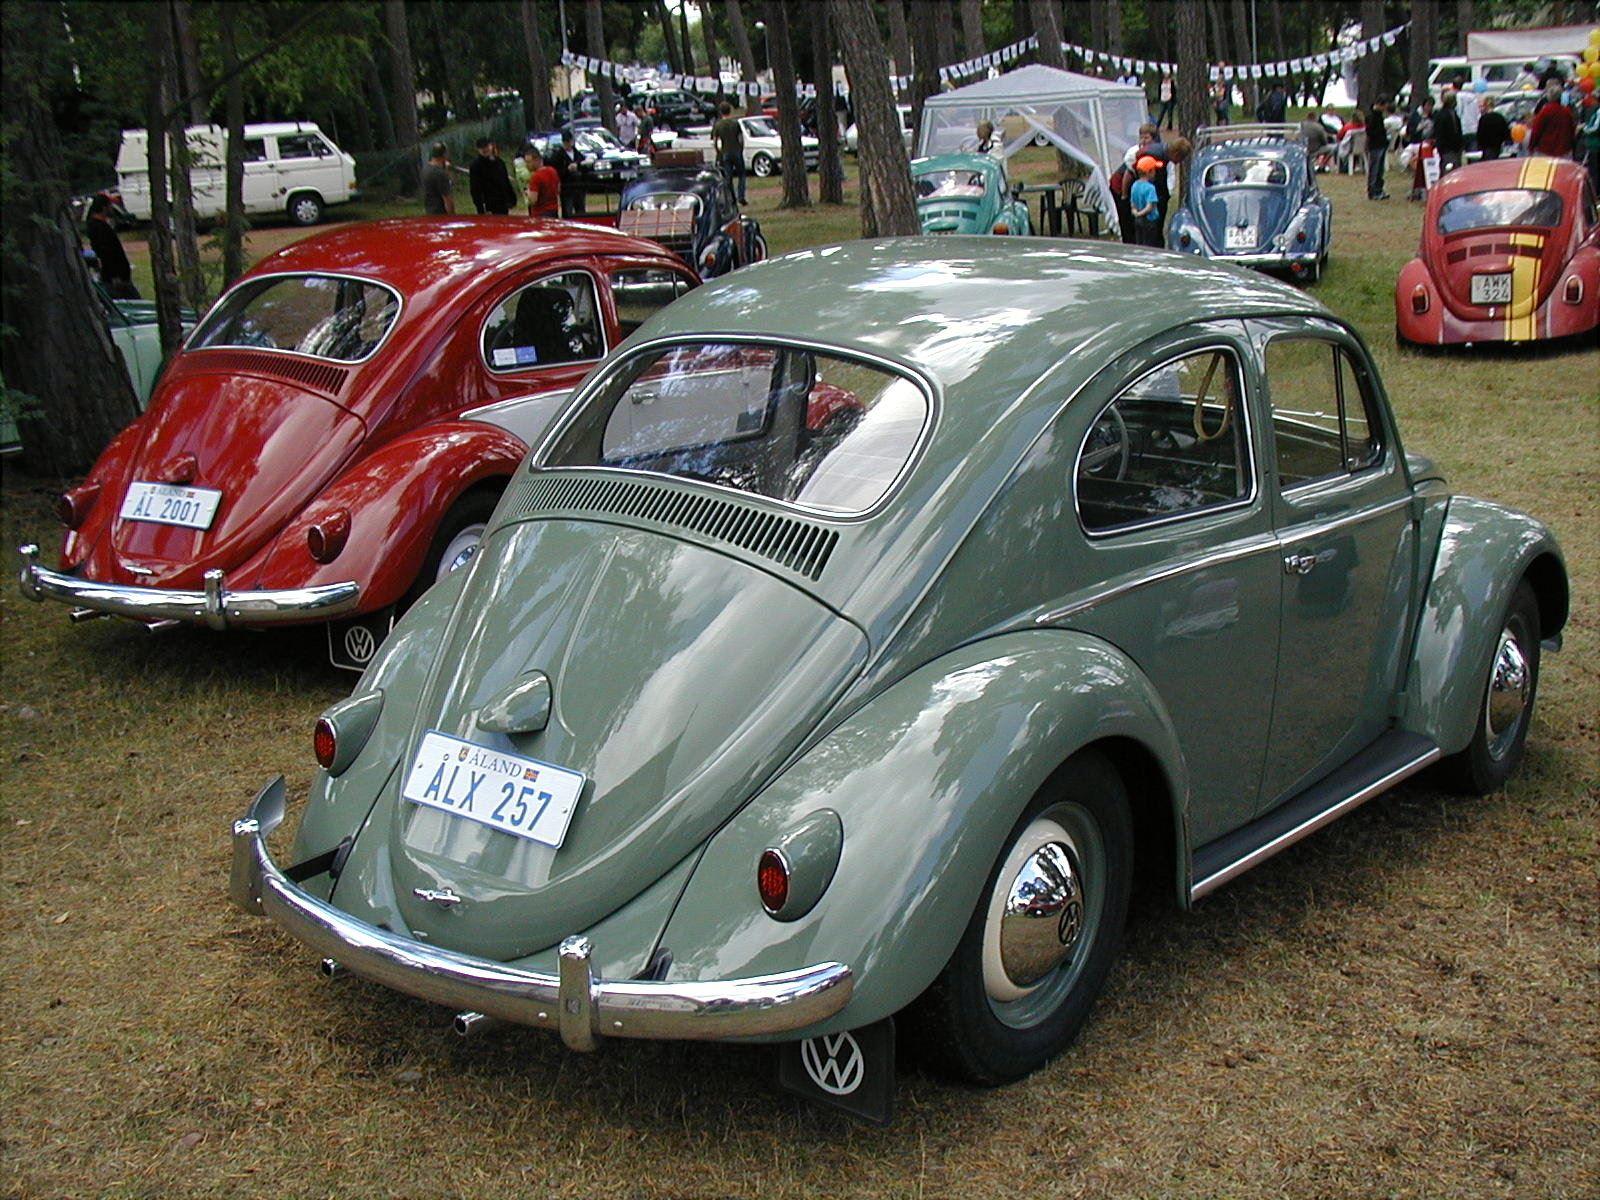 Car show: VW BugNic #26 in Badhusparken